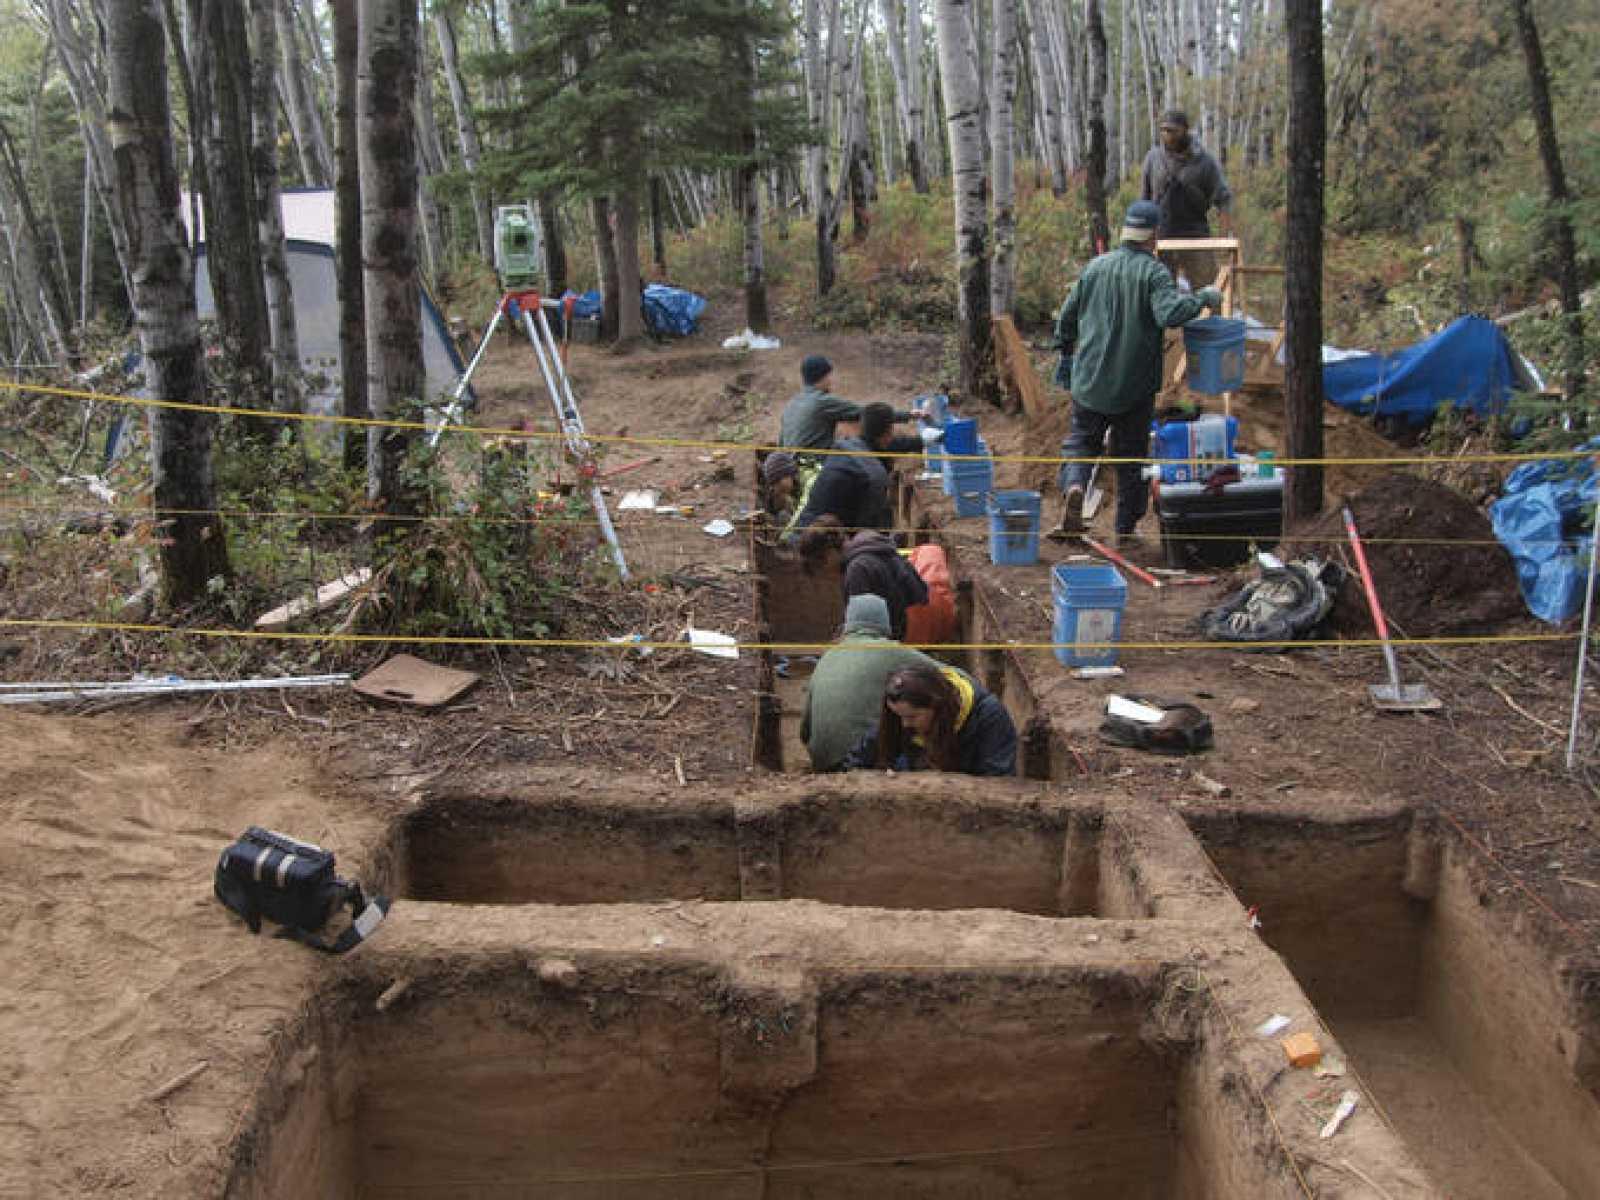 La fosa se ha encontrado en las ruinas de una casa de 11.500 años de antigüedad situada en Alaska central.